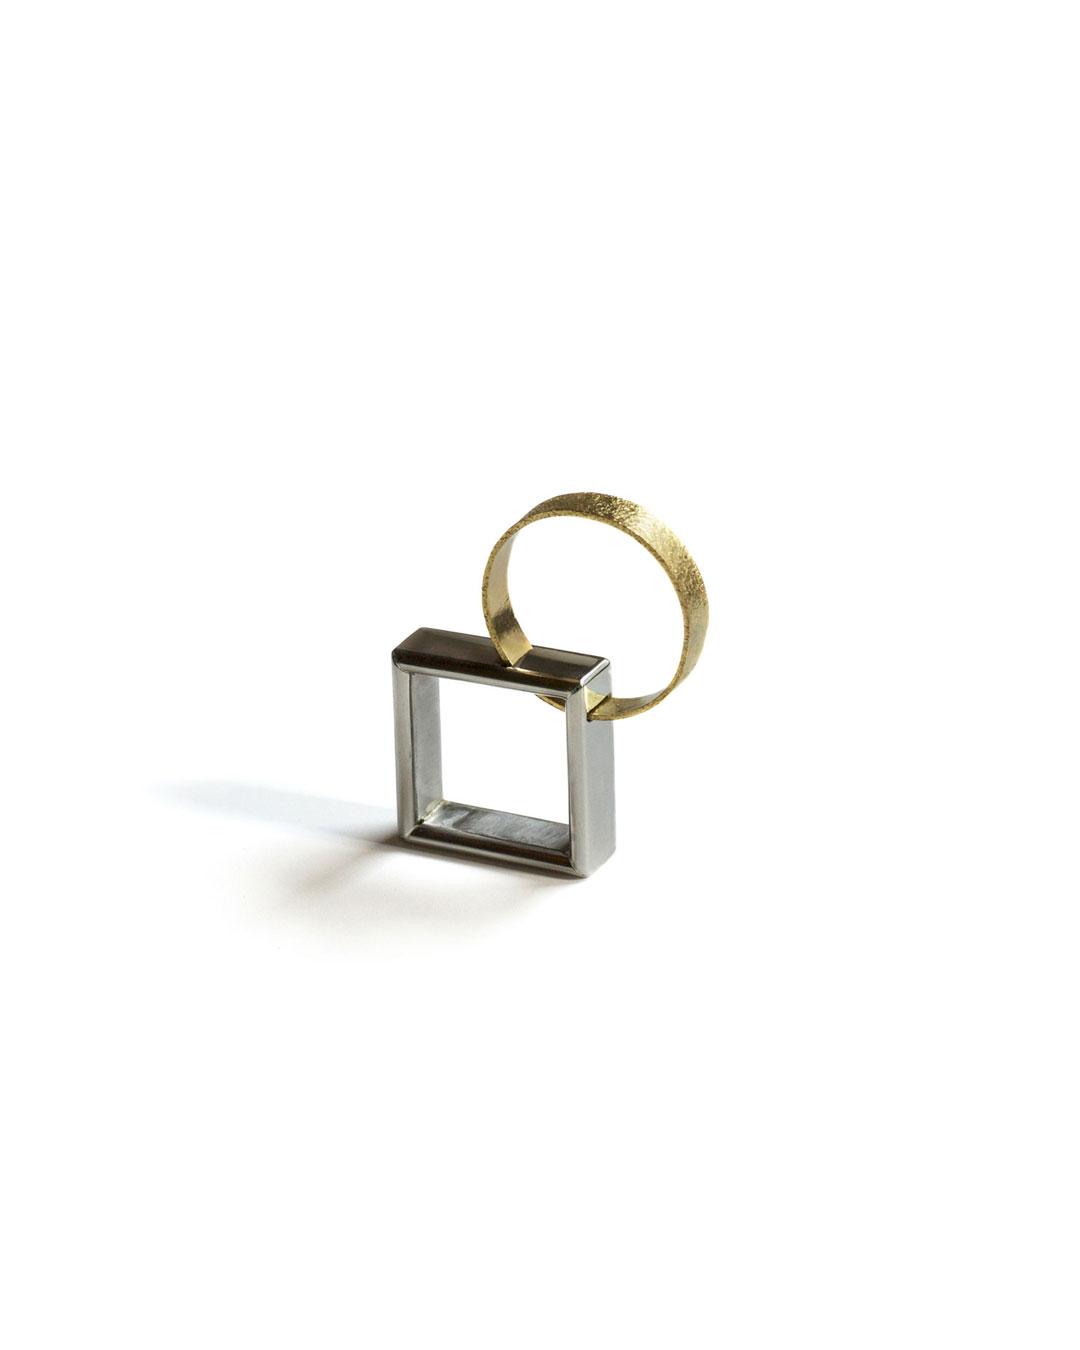 Okinari Kurokawa, untitled, 2013, ring; 20ct gold, stainless steel, 40 x 33 x 8 mm